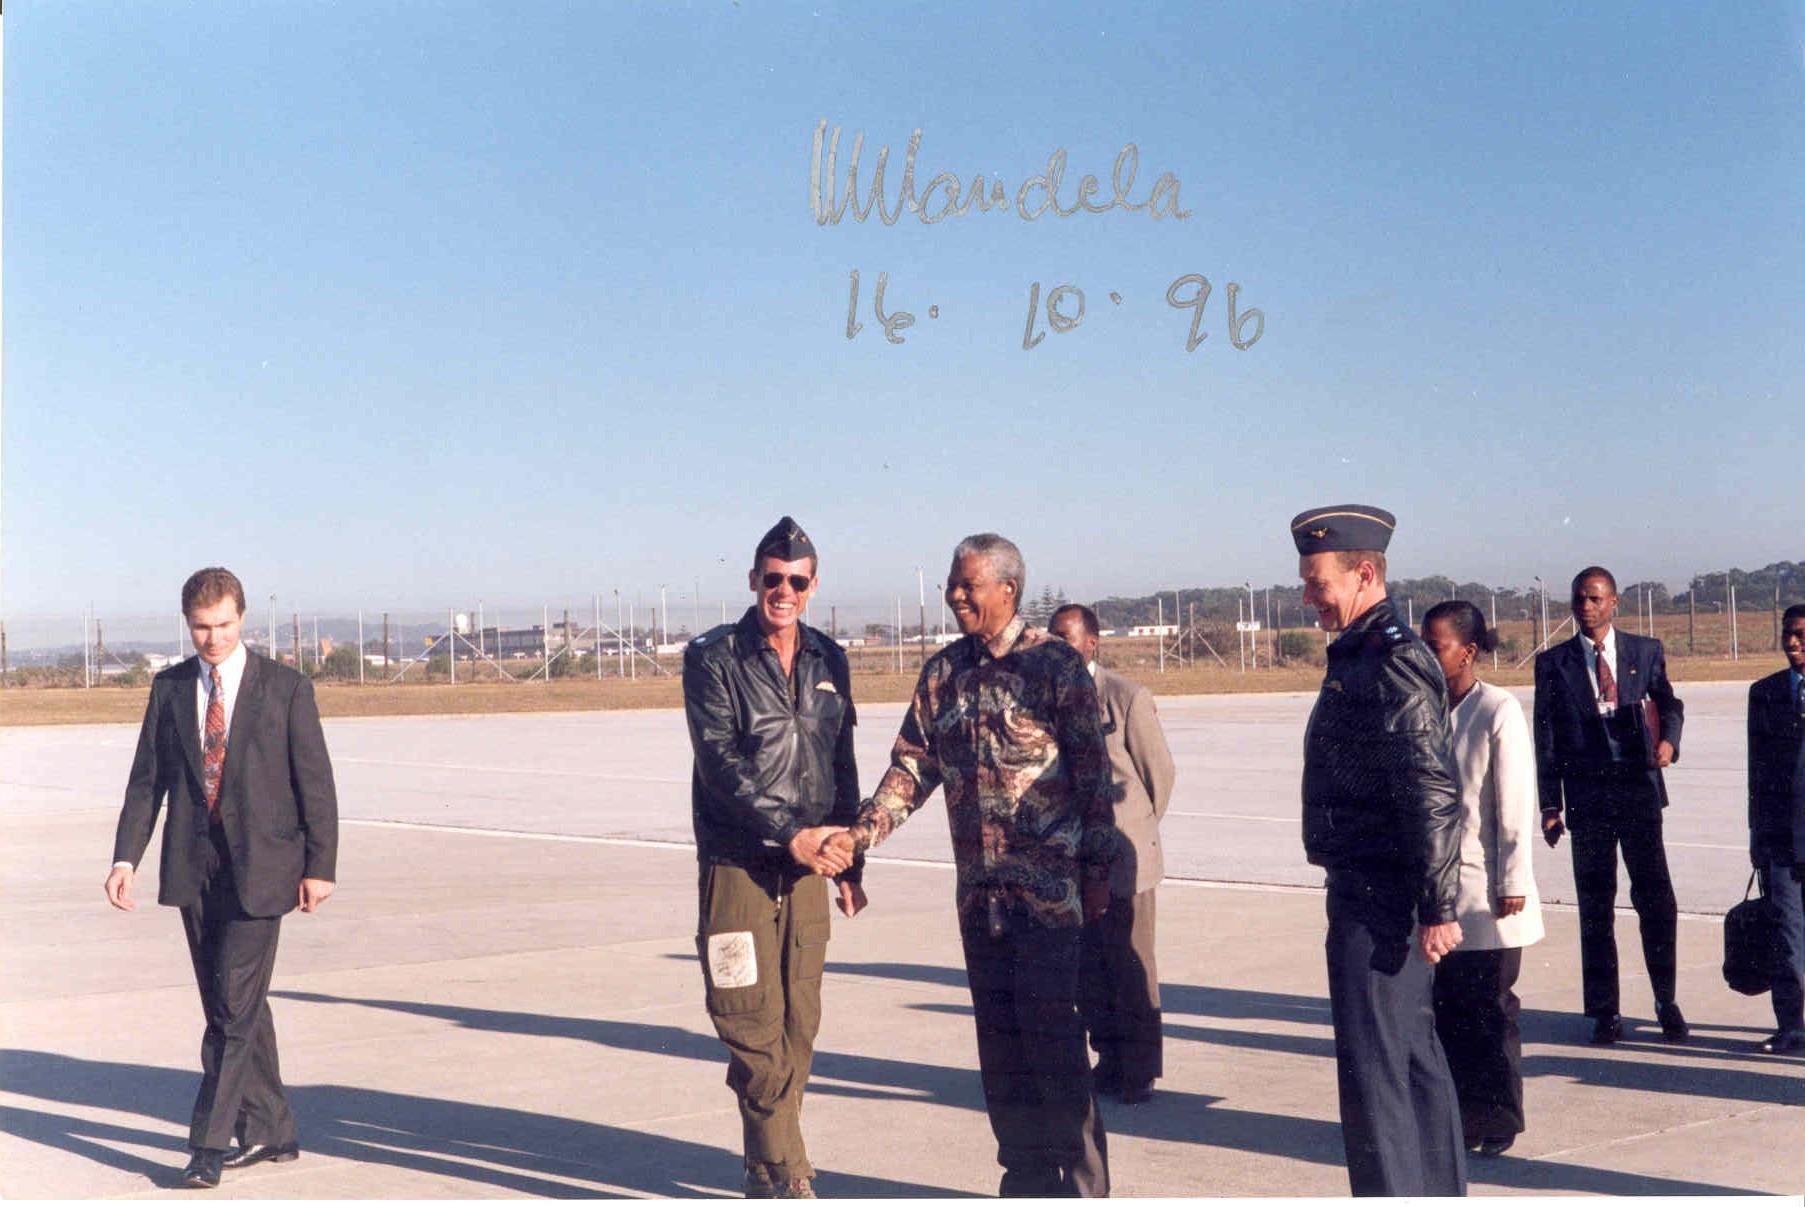 Mandela autograph